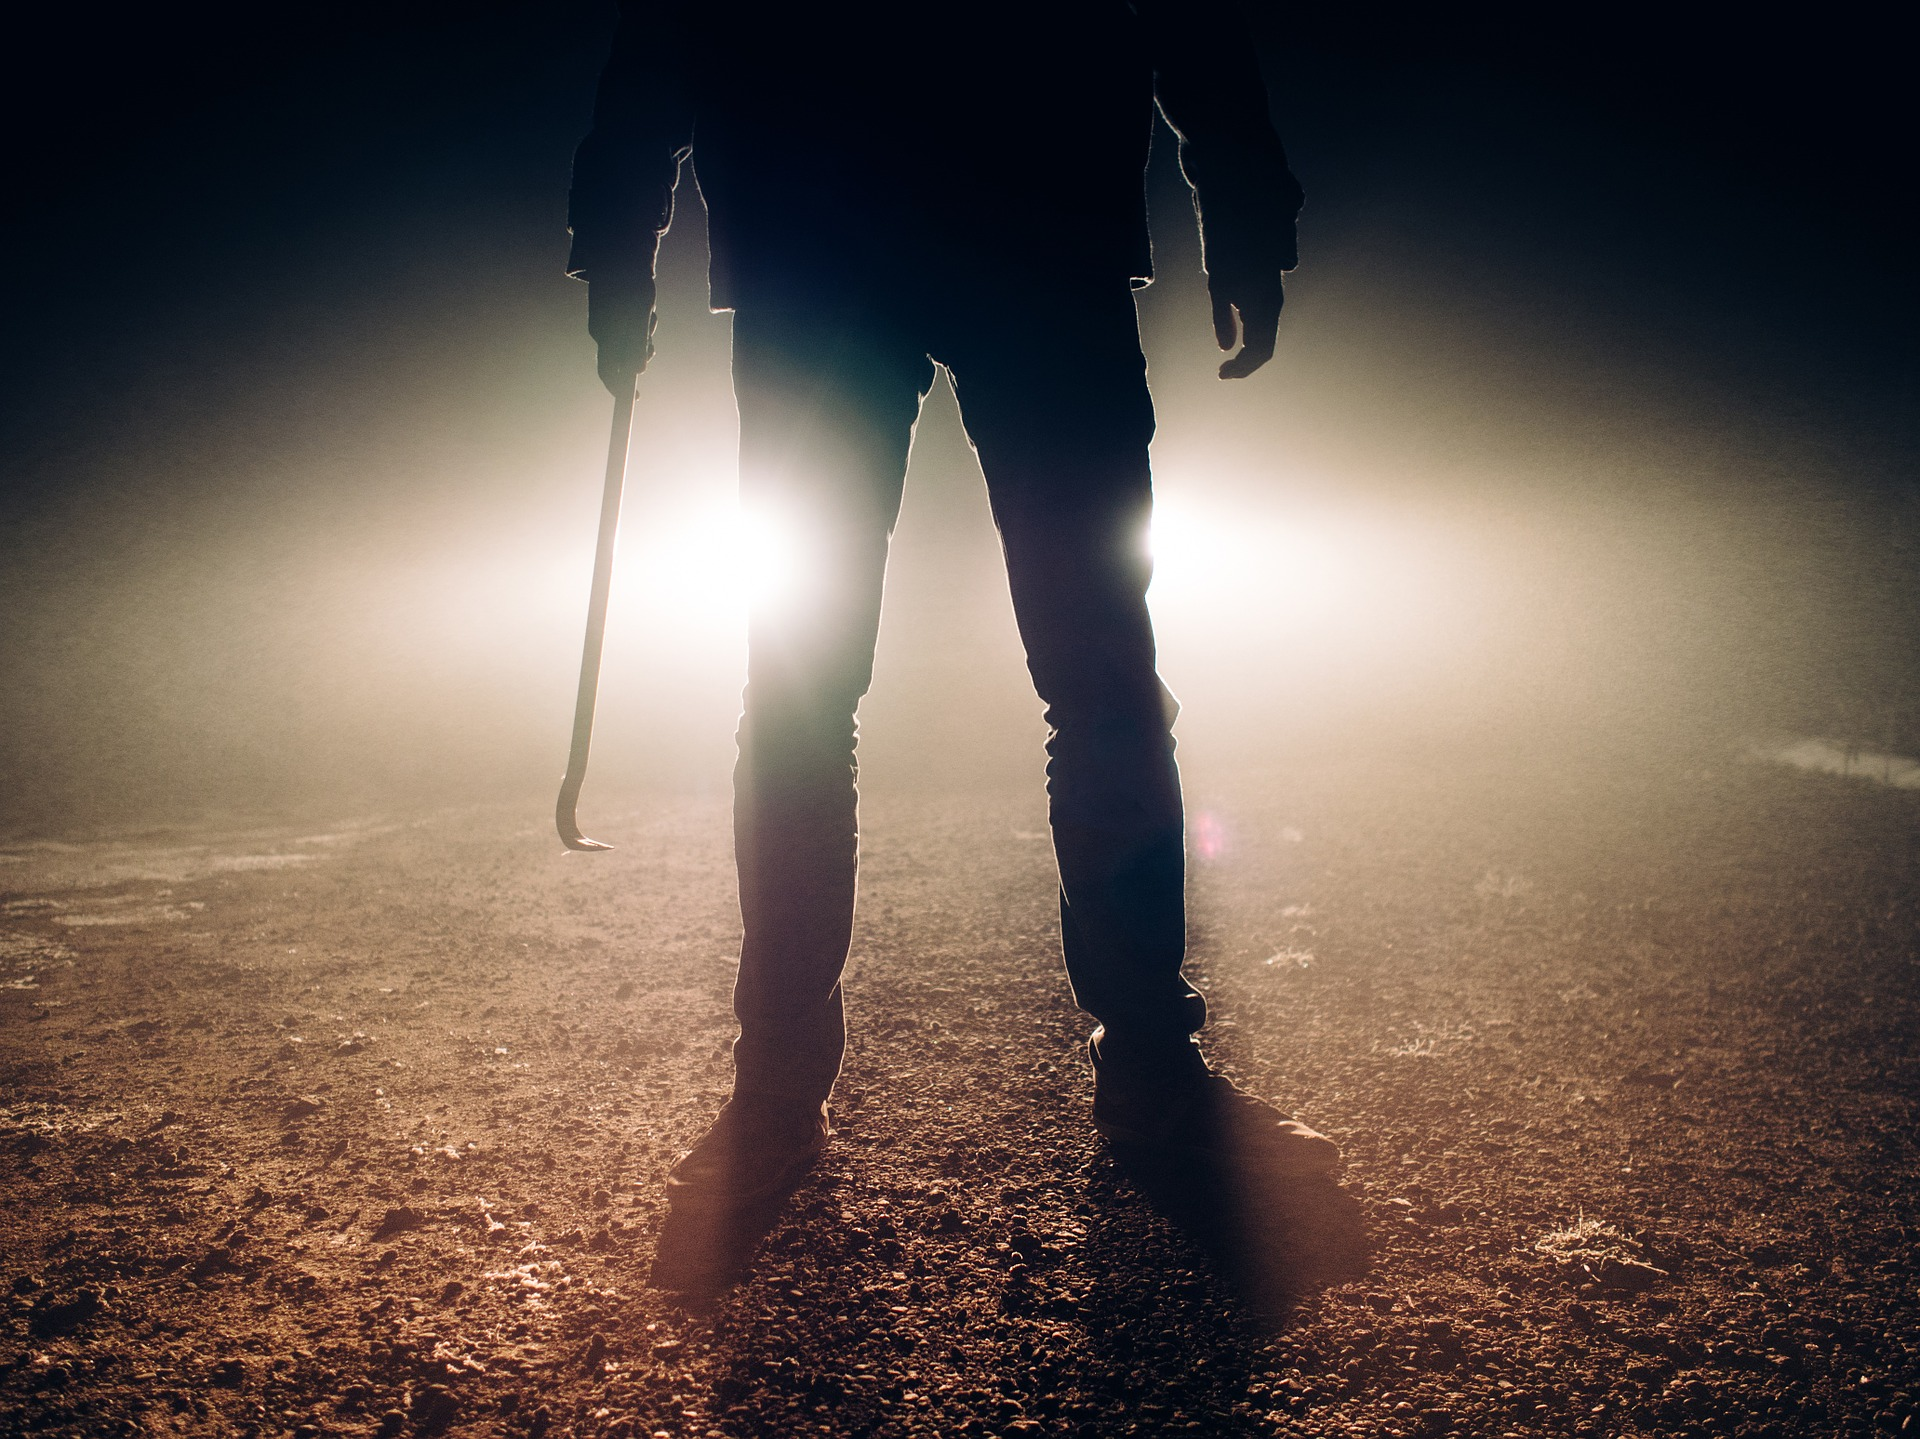 Regarder des films/séries violents : un obstacle à notre bien-être ?